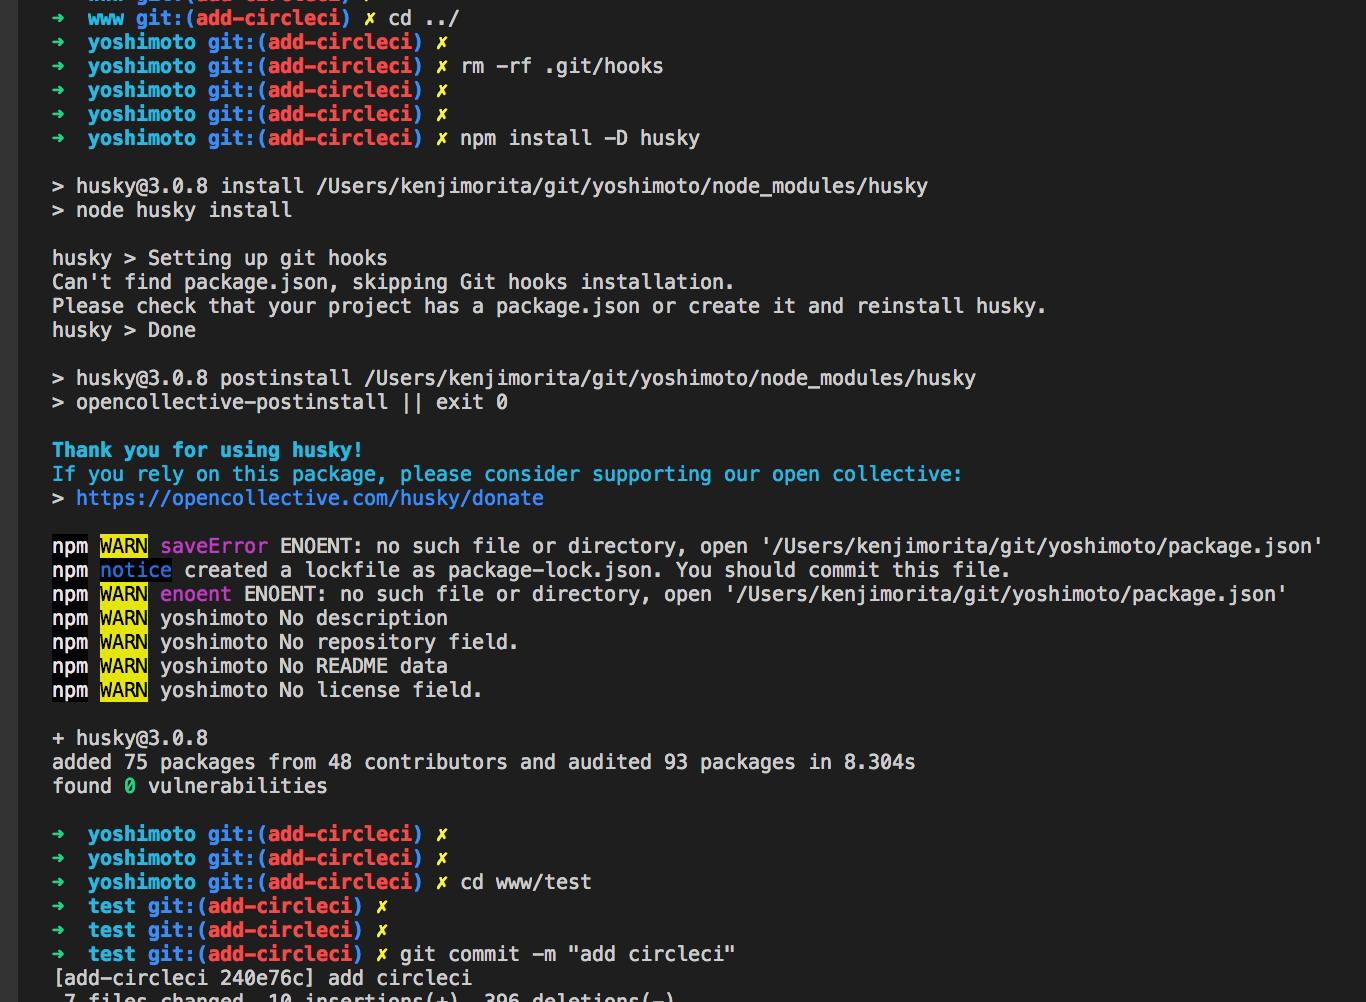 [急にどうした] Please move it to husky.hooks in package.json, a .huskyrc file, or a husky.config.js file